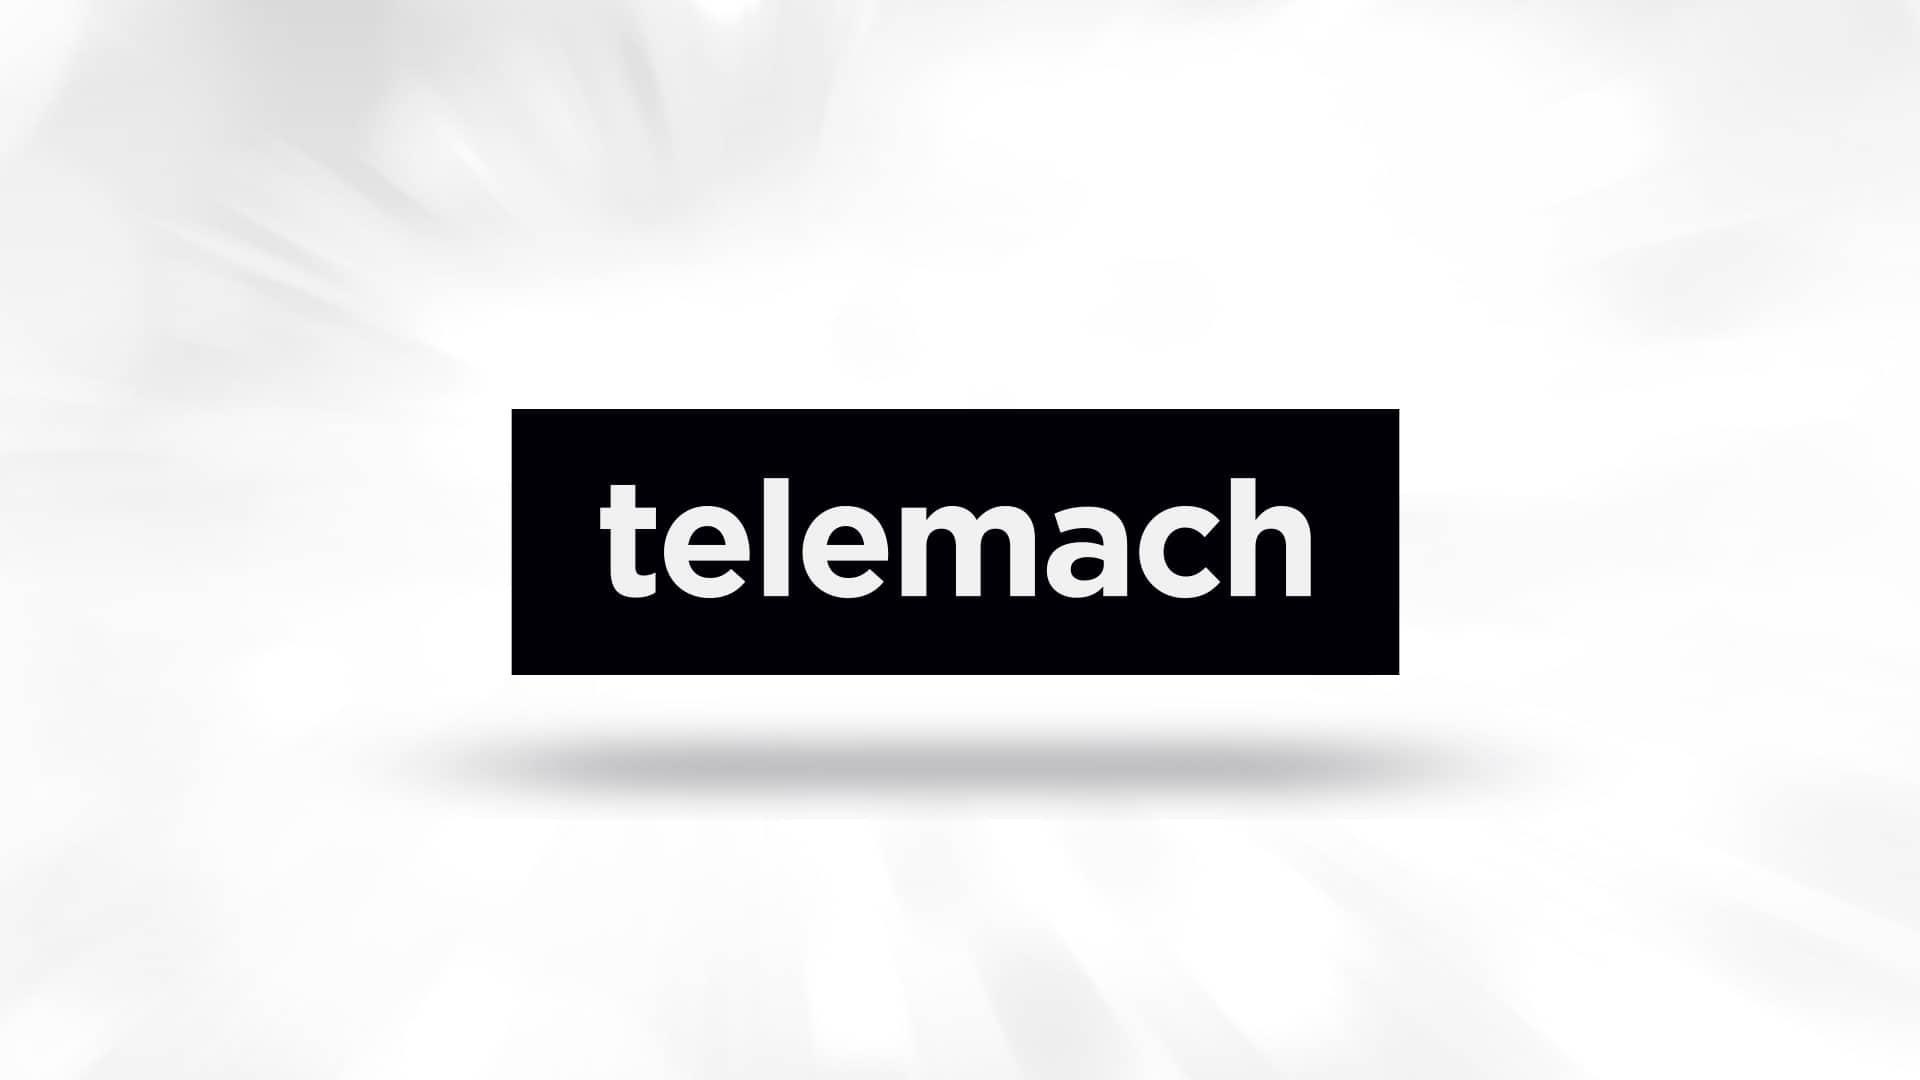 Telemach BH omogućio besplatne pozive prema Covid call centru svim građanima